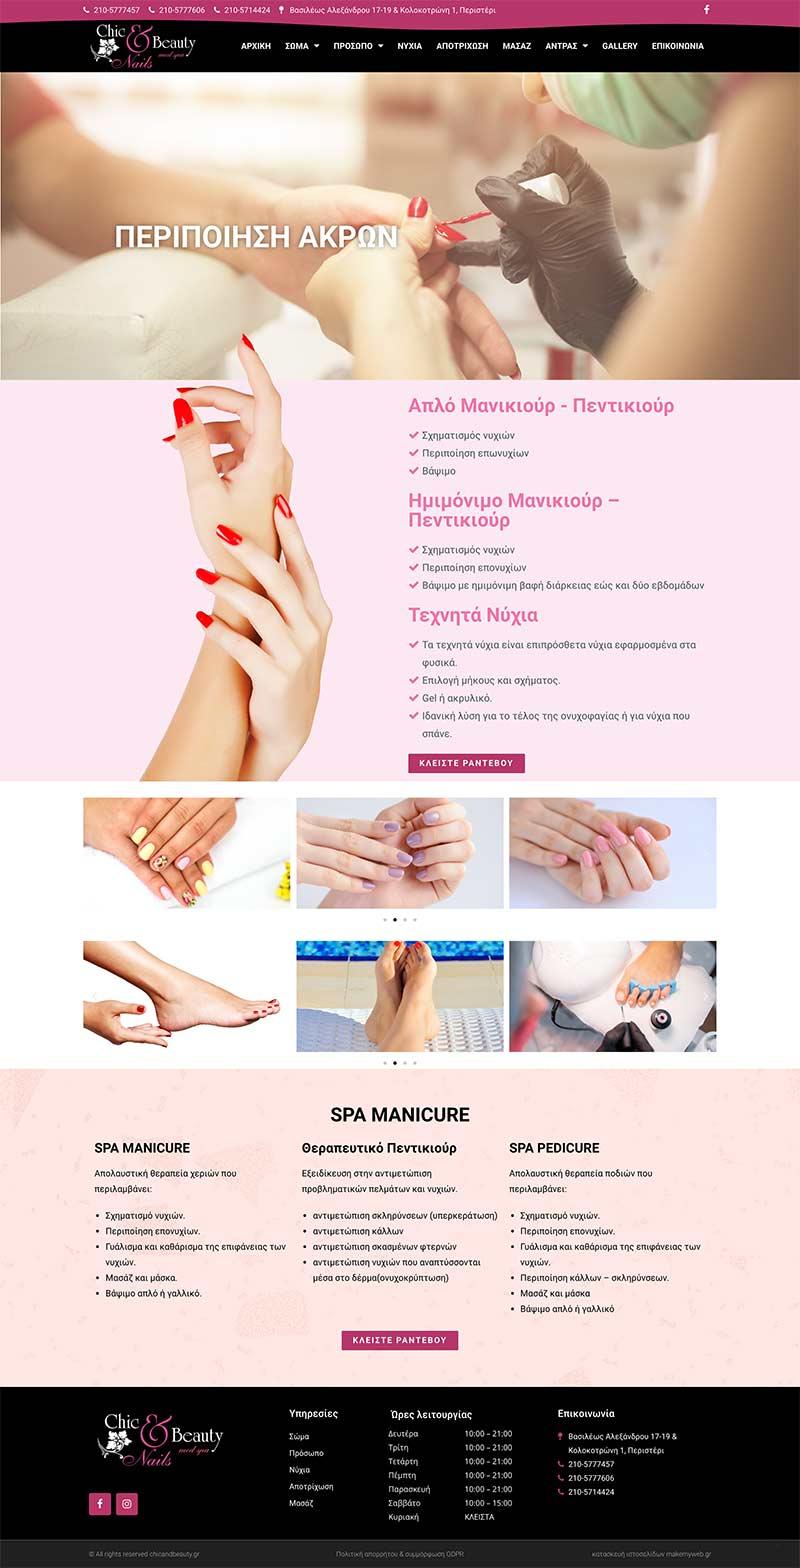 Κατασκευή Ιστοσελίδων Περιστέρι για την Chic Beauty